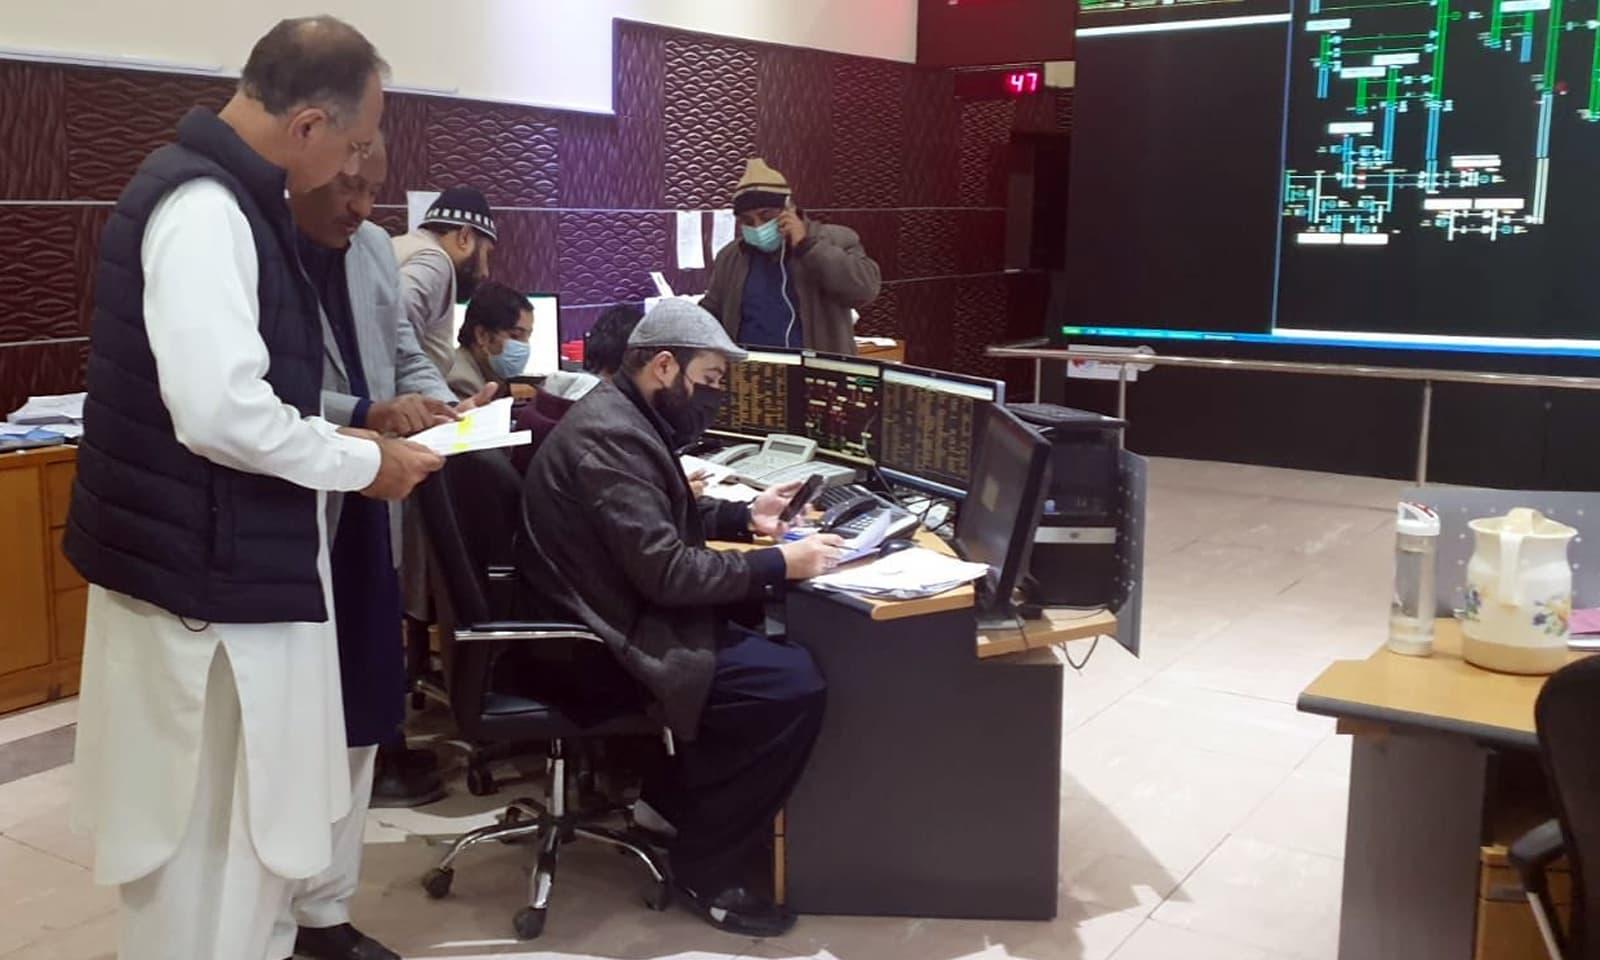 ر وفاقی وزیر بجلی و توانائی عمر ایوب نے بجلی کی بحالی کے عمل کی نگرانی کی— فوٹو: وزارت توانائی ٹوئٹر اکاؤنٹ